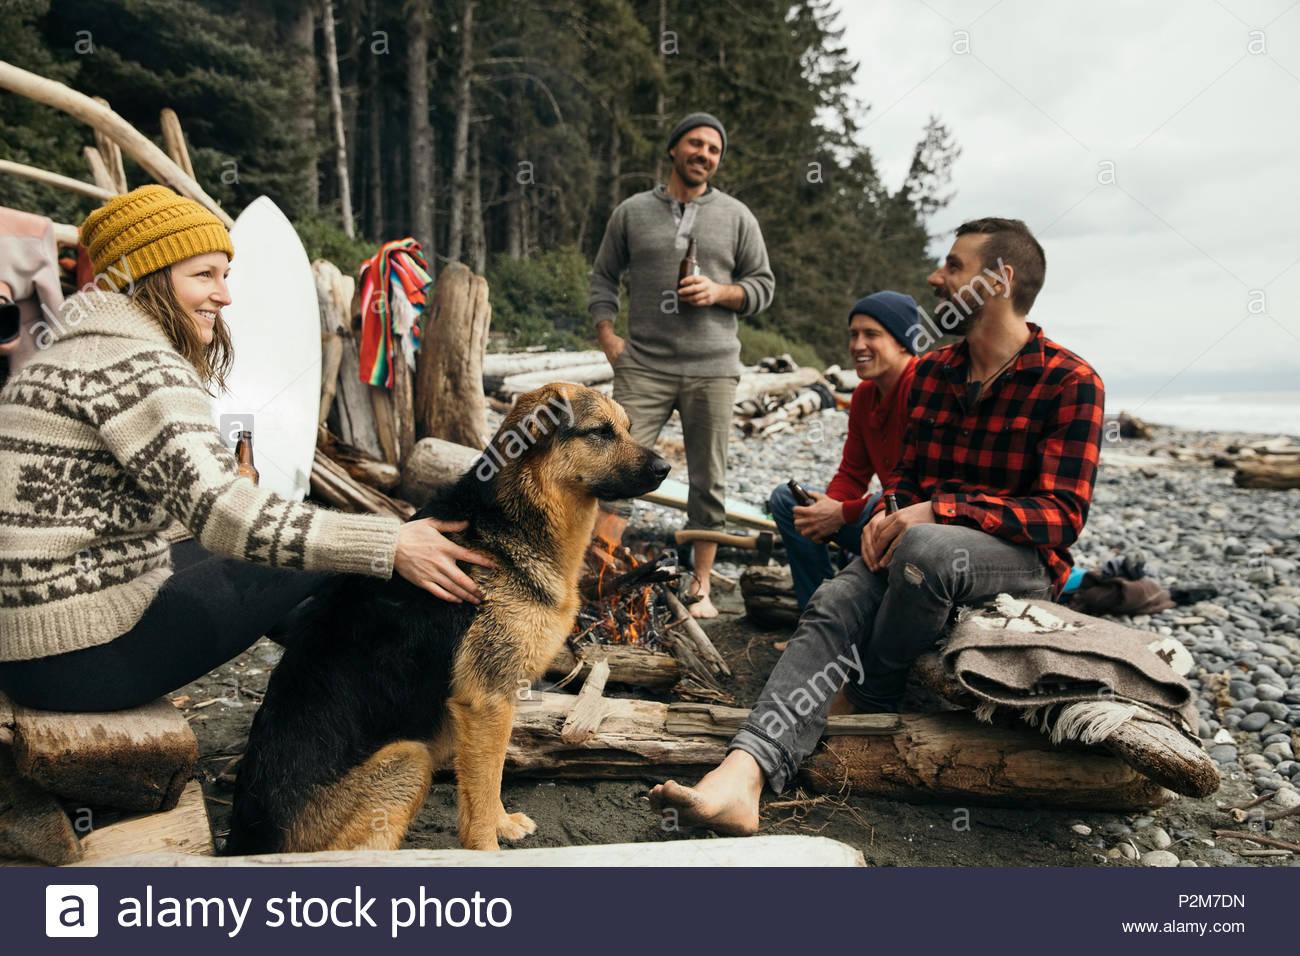 Amigos con perro disfruta de una escapada de fin de semana de surf, relajándose en la playa de camping en los robustos Imagen De Stock